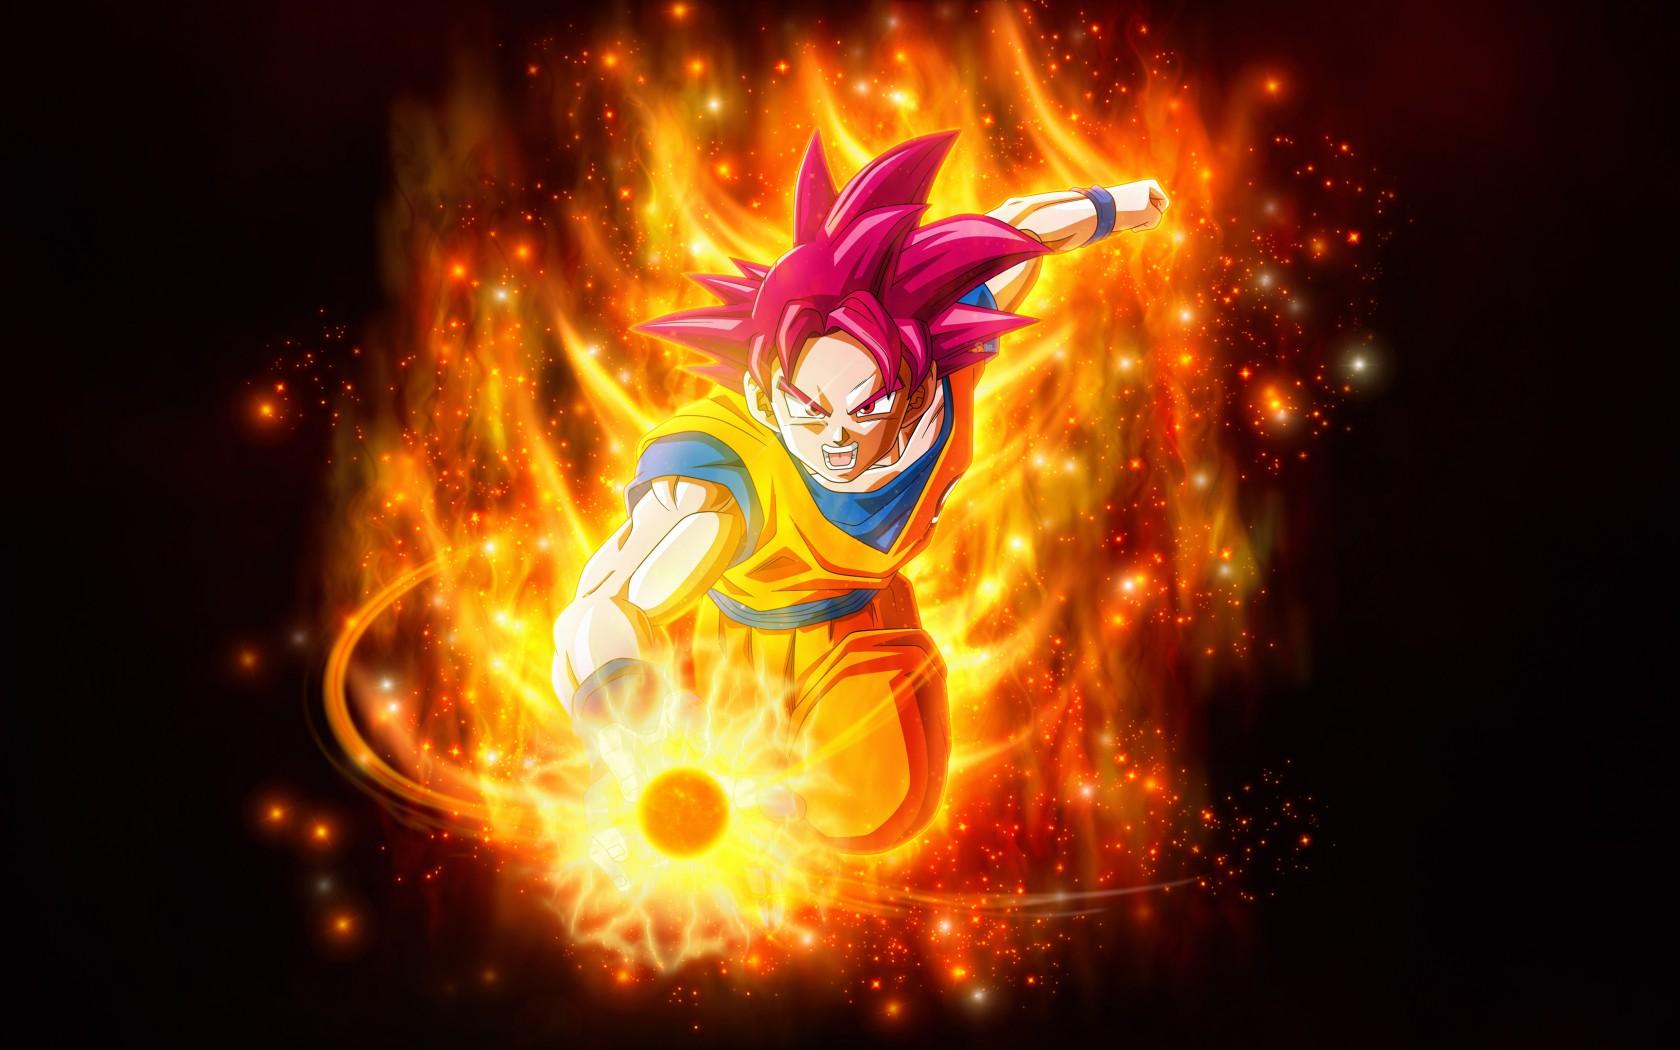 Super Saiyan Goku Dragon Ball Super Super 4k 1680x1050 Hd